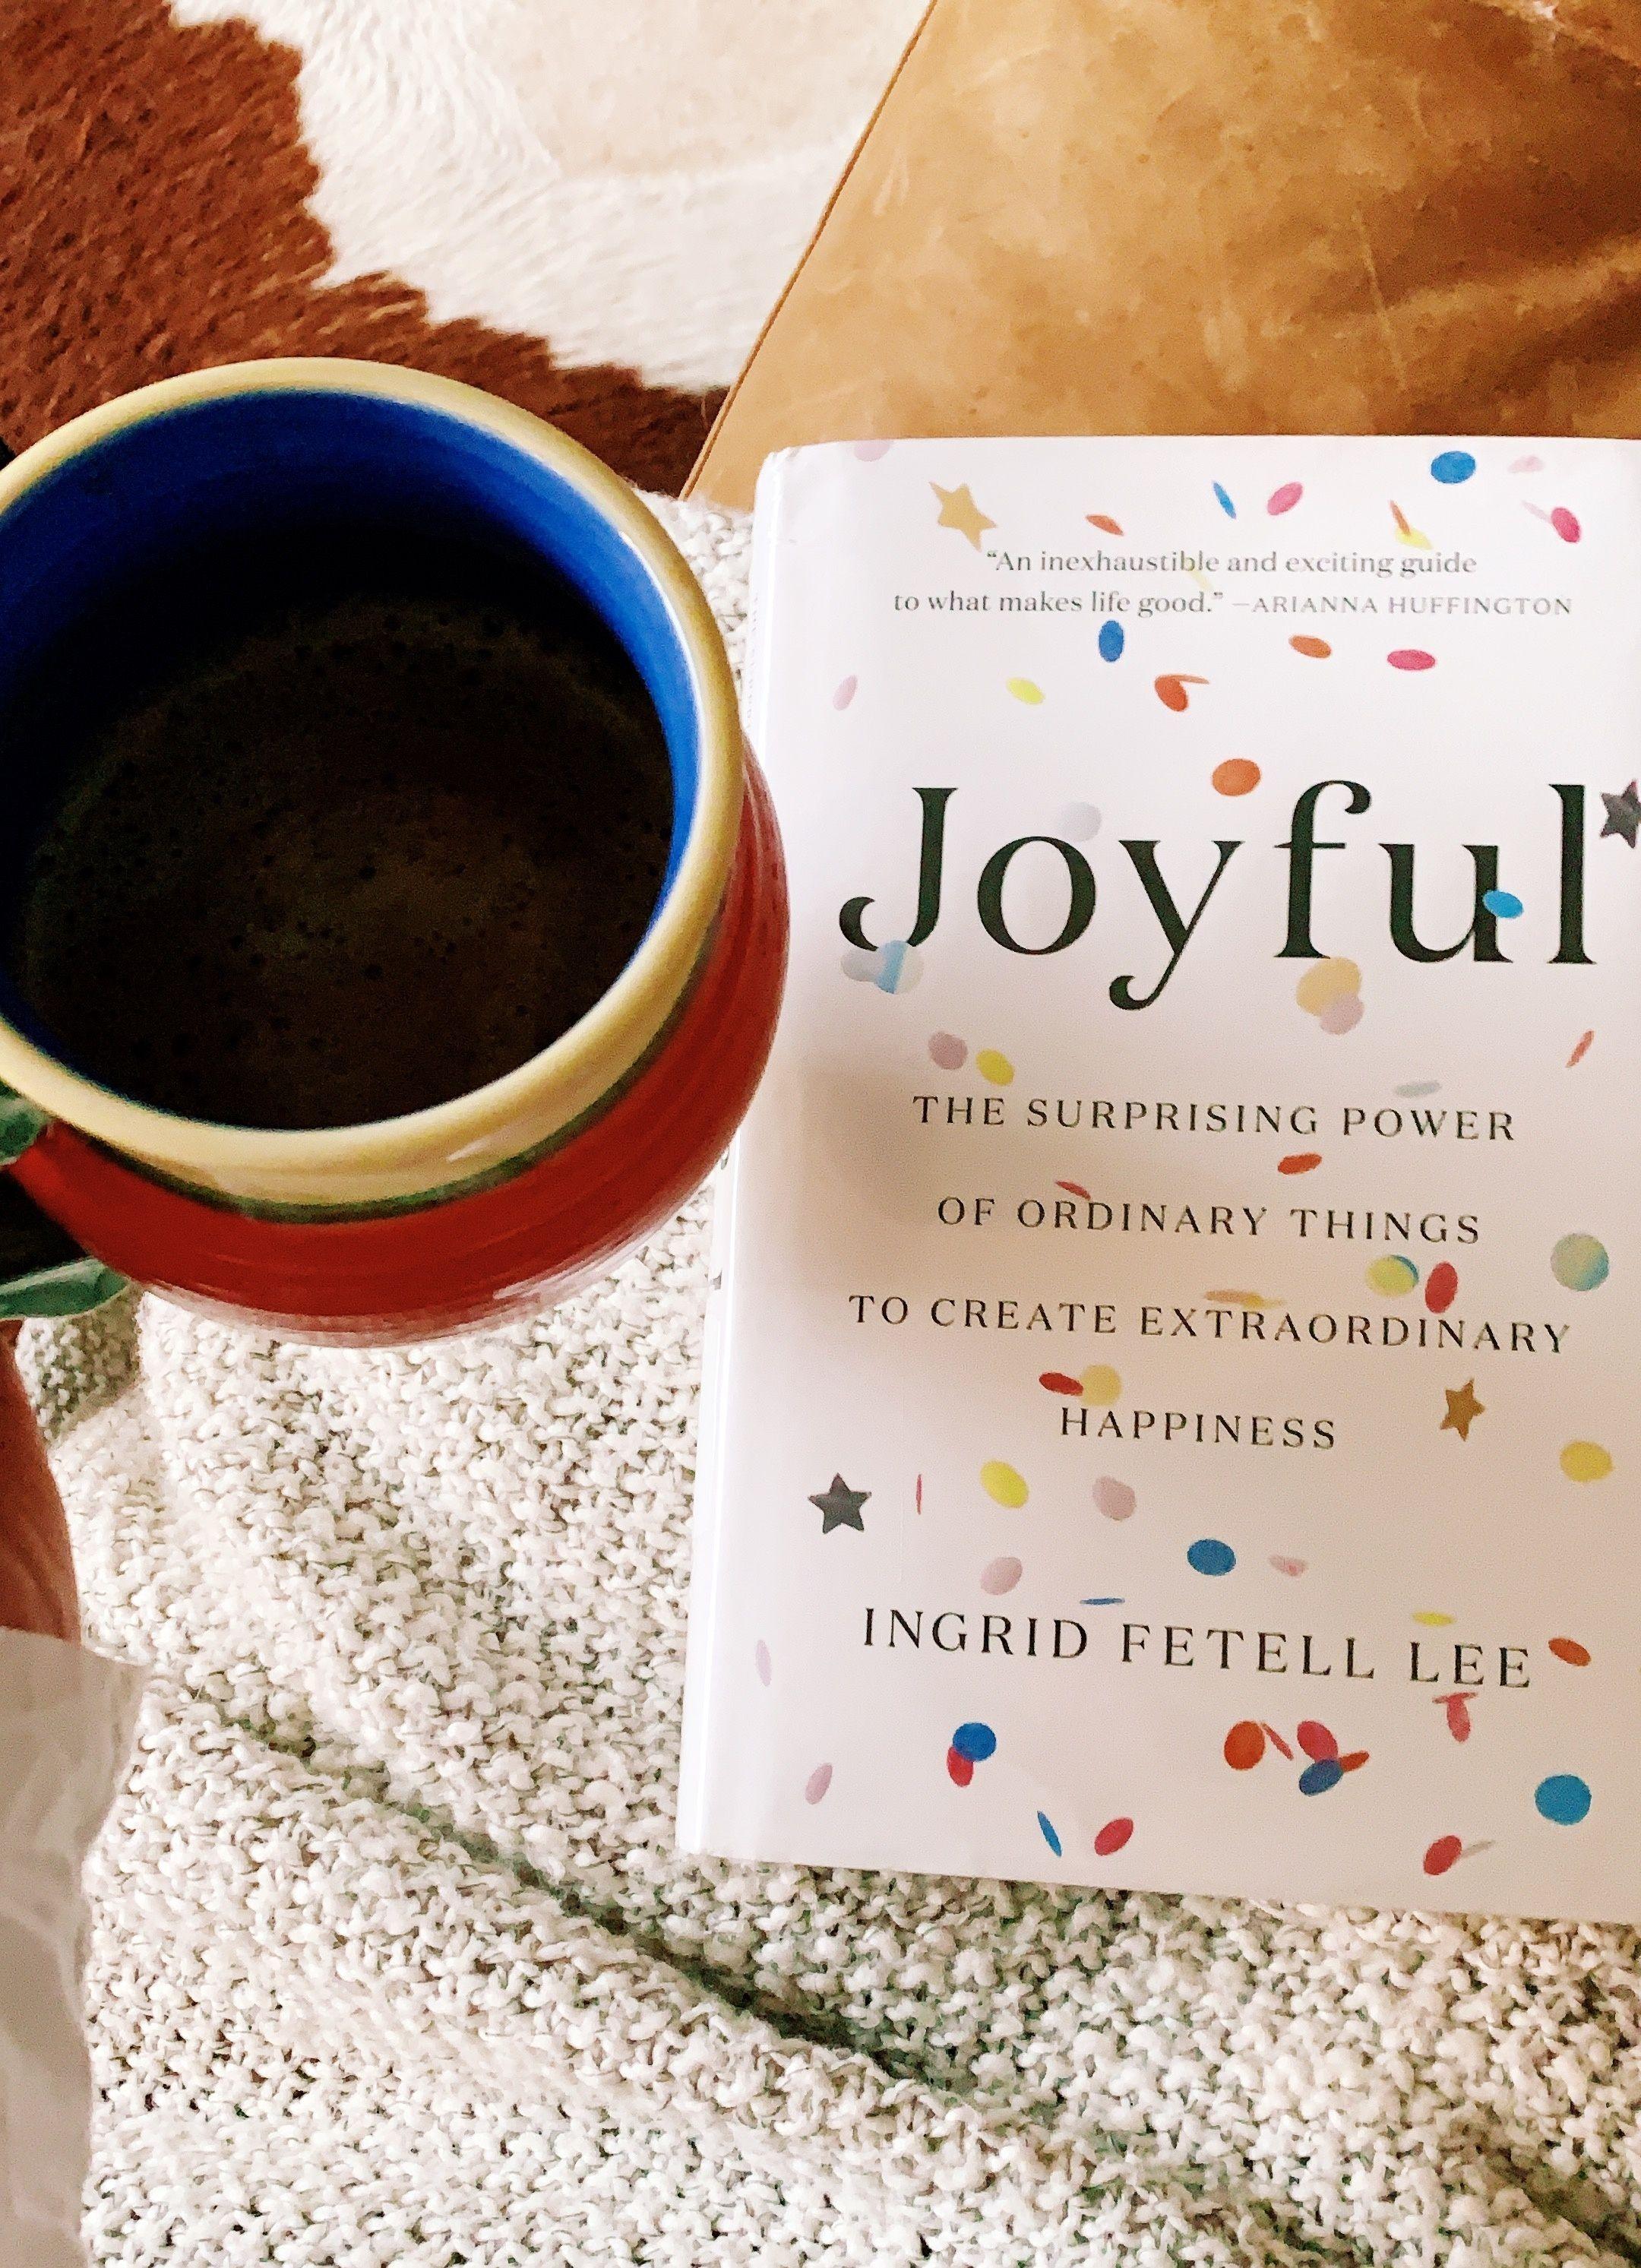 joyful_book.jpg